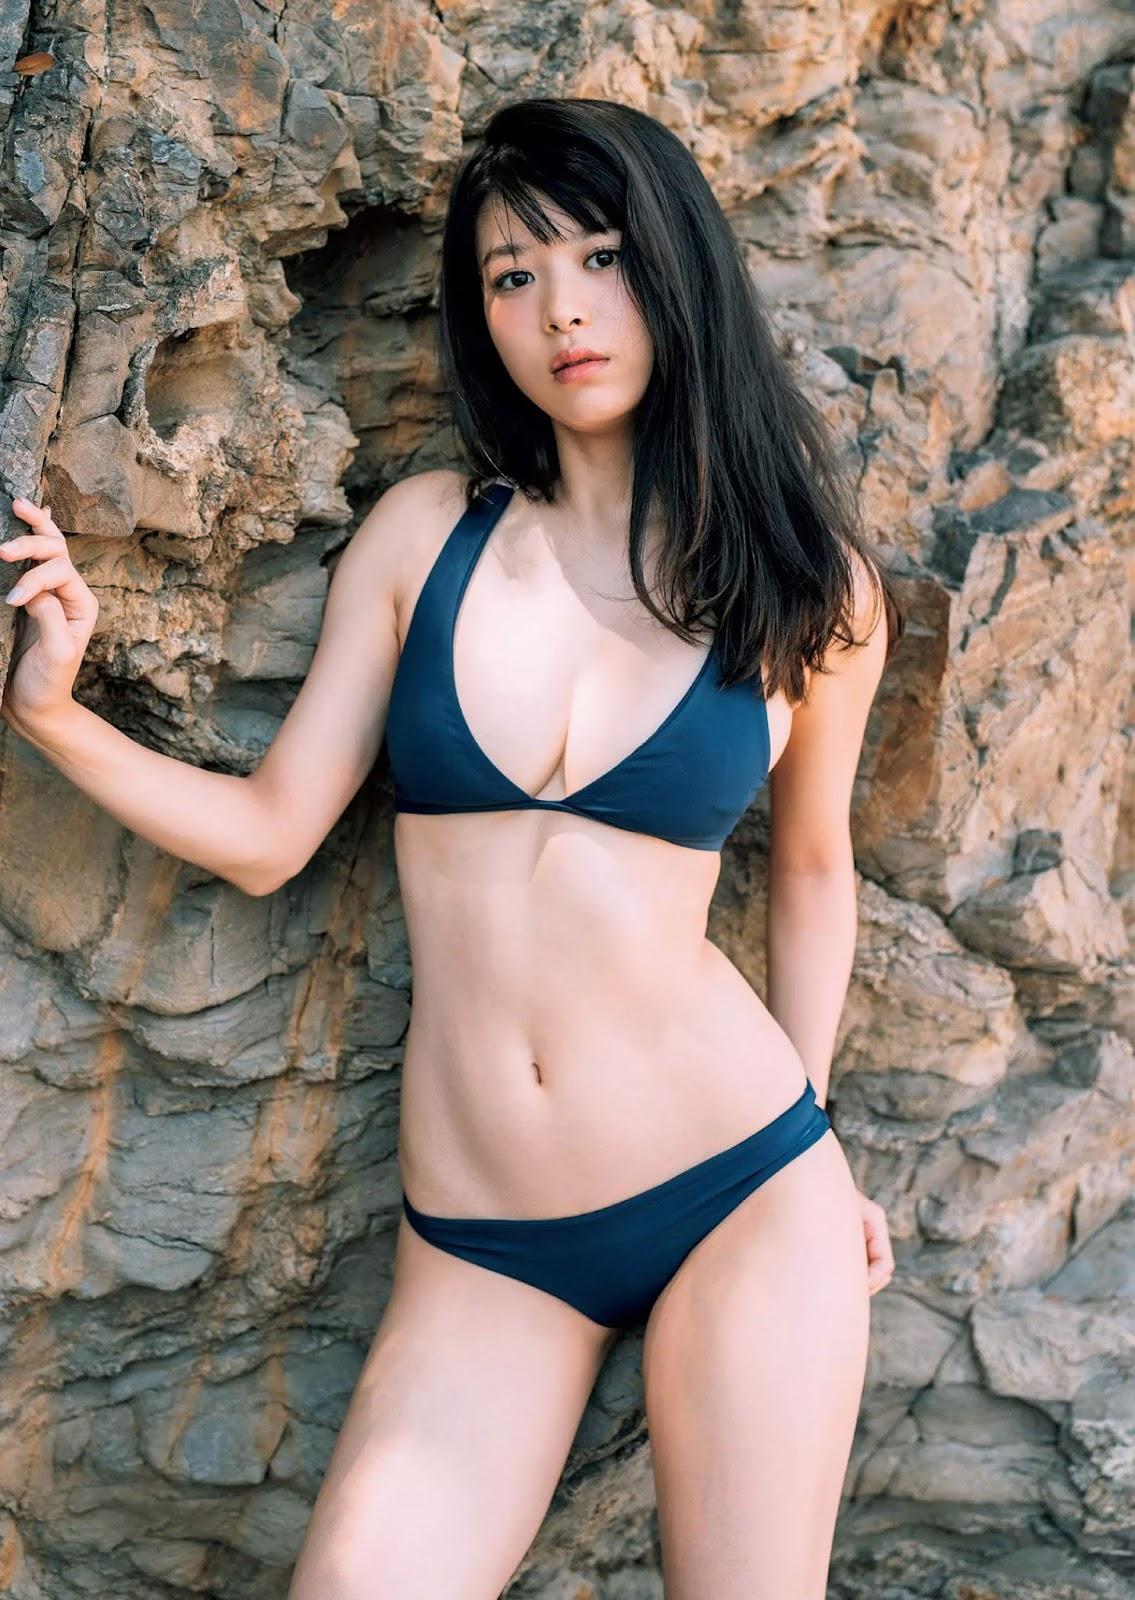 Fumika Baba 馬場ふみか, Weekly Playboy 2017 No.44 (週刊プレイボーイ 2017年44号) Part.03